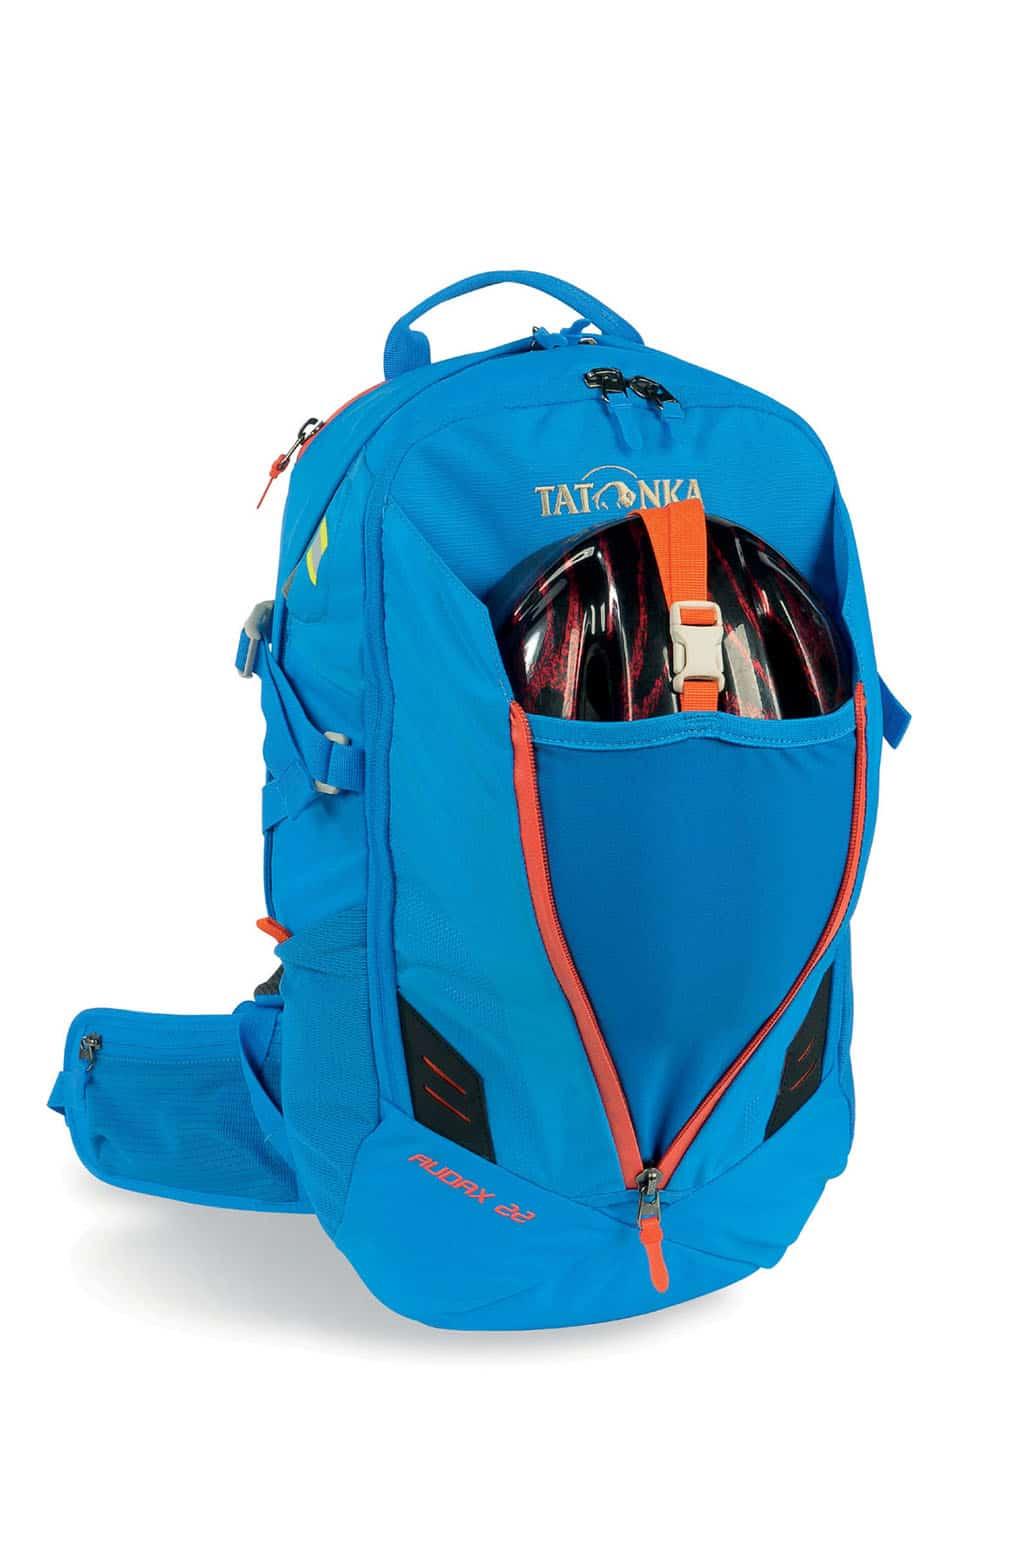 Tatonka Audax Daypack (c)